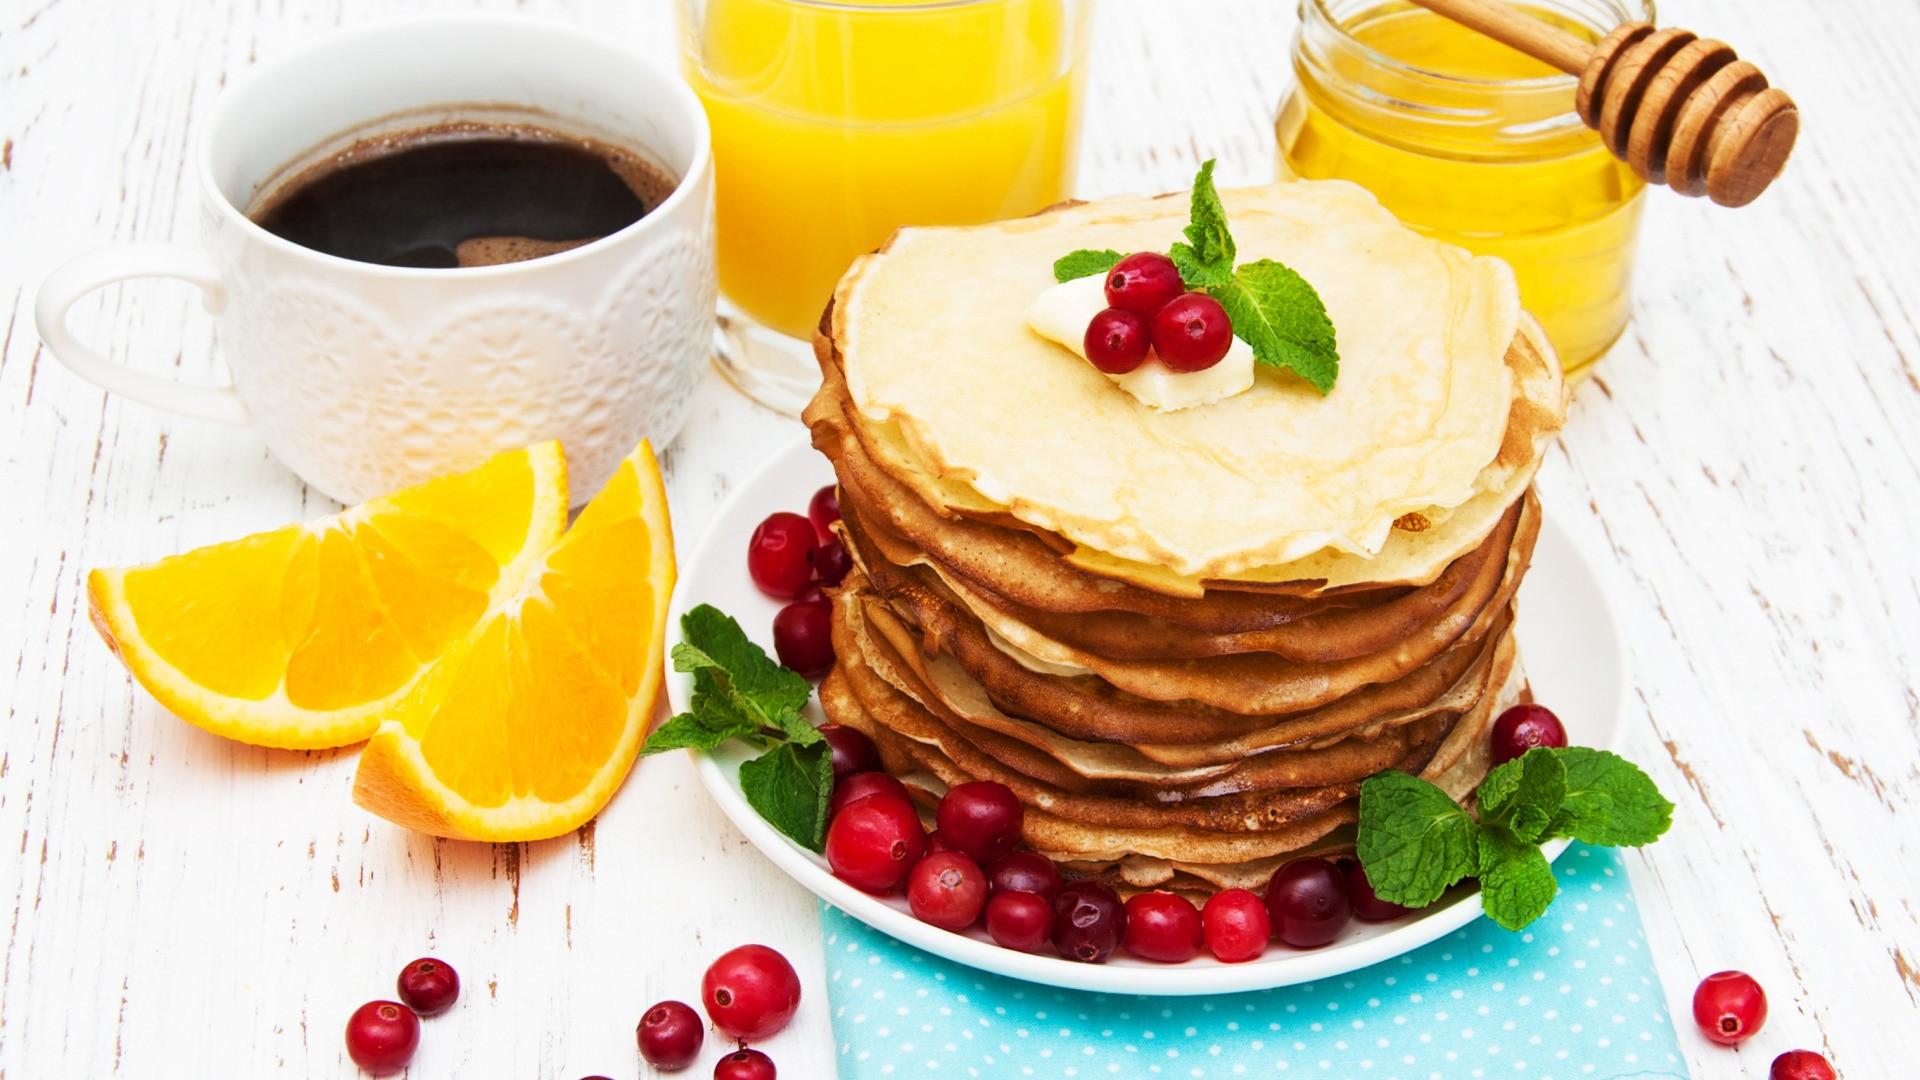 Pancake 1080p background